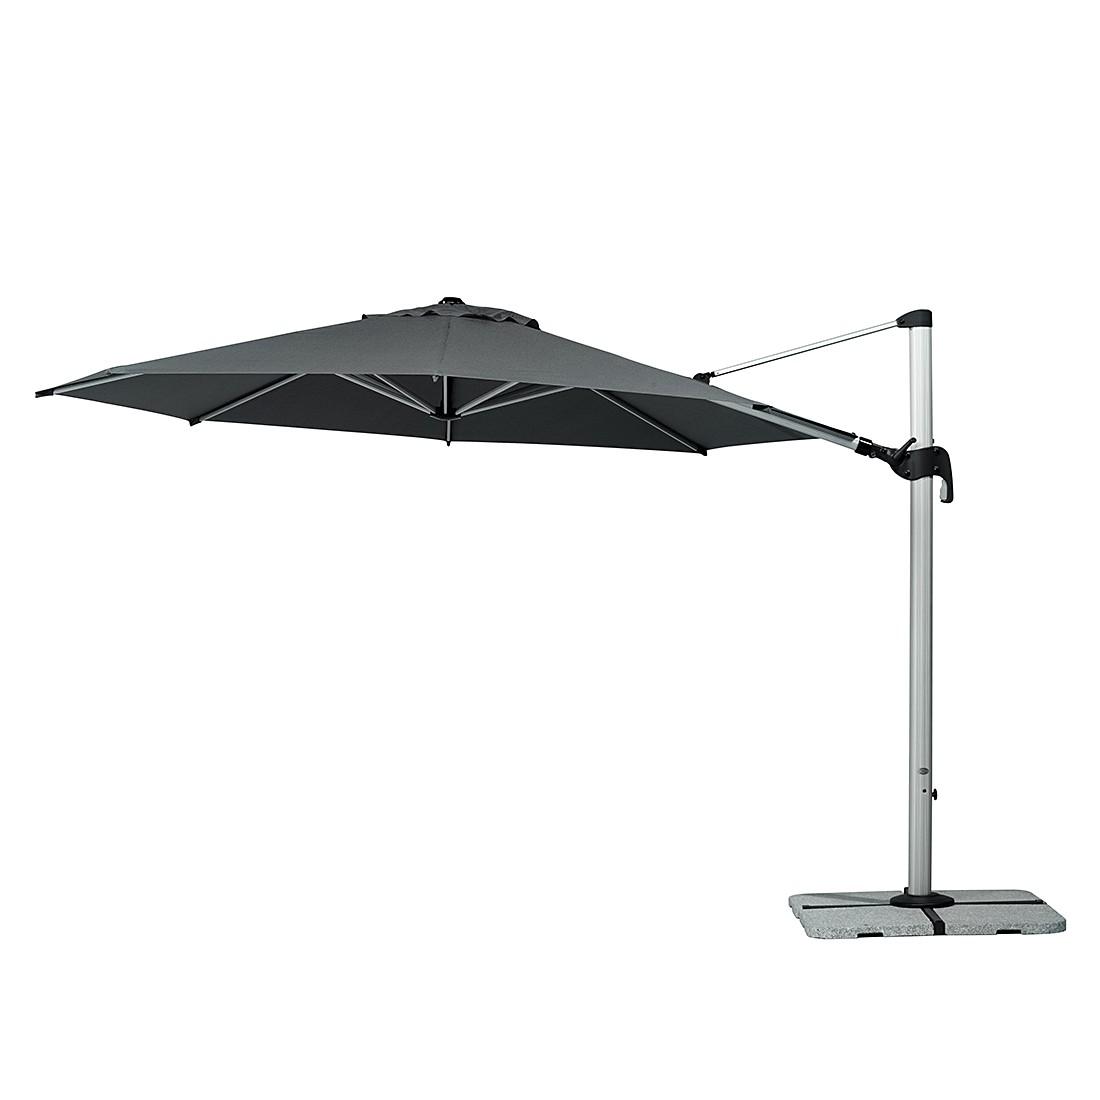 Barbados 350 Sonnenschirm - Aluminium/Polyester - Silber/Anthrazit, Schneider Schirme